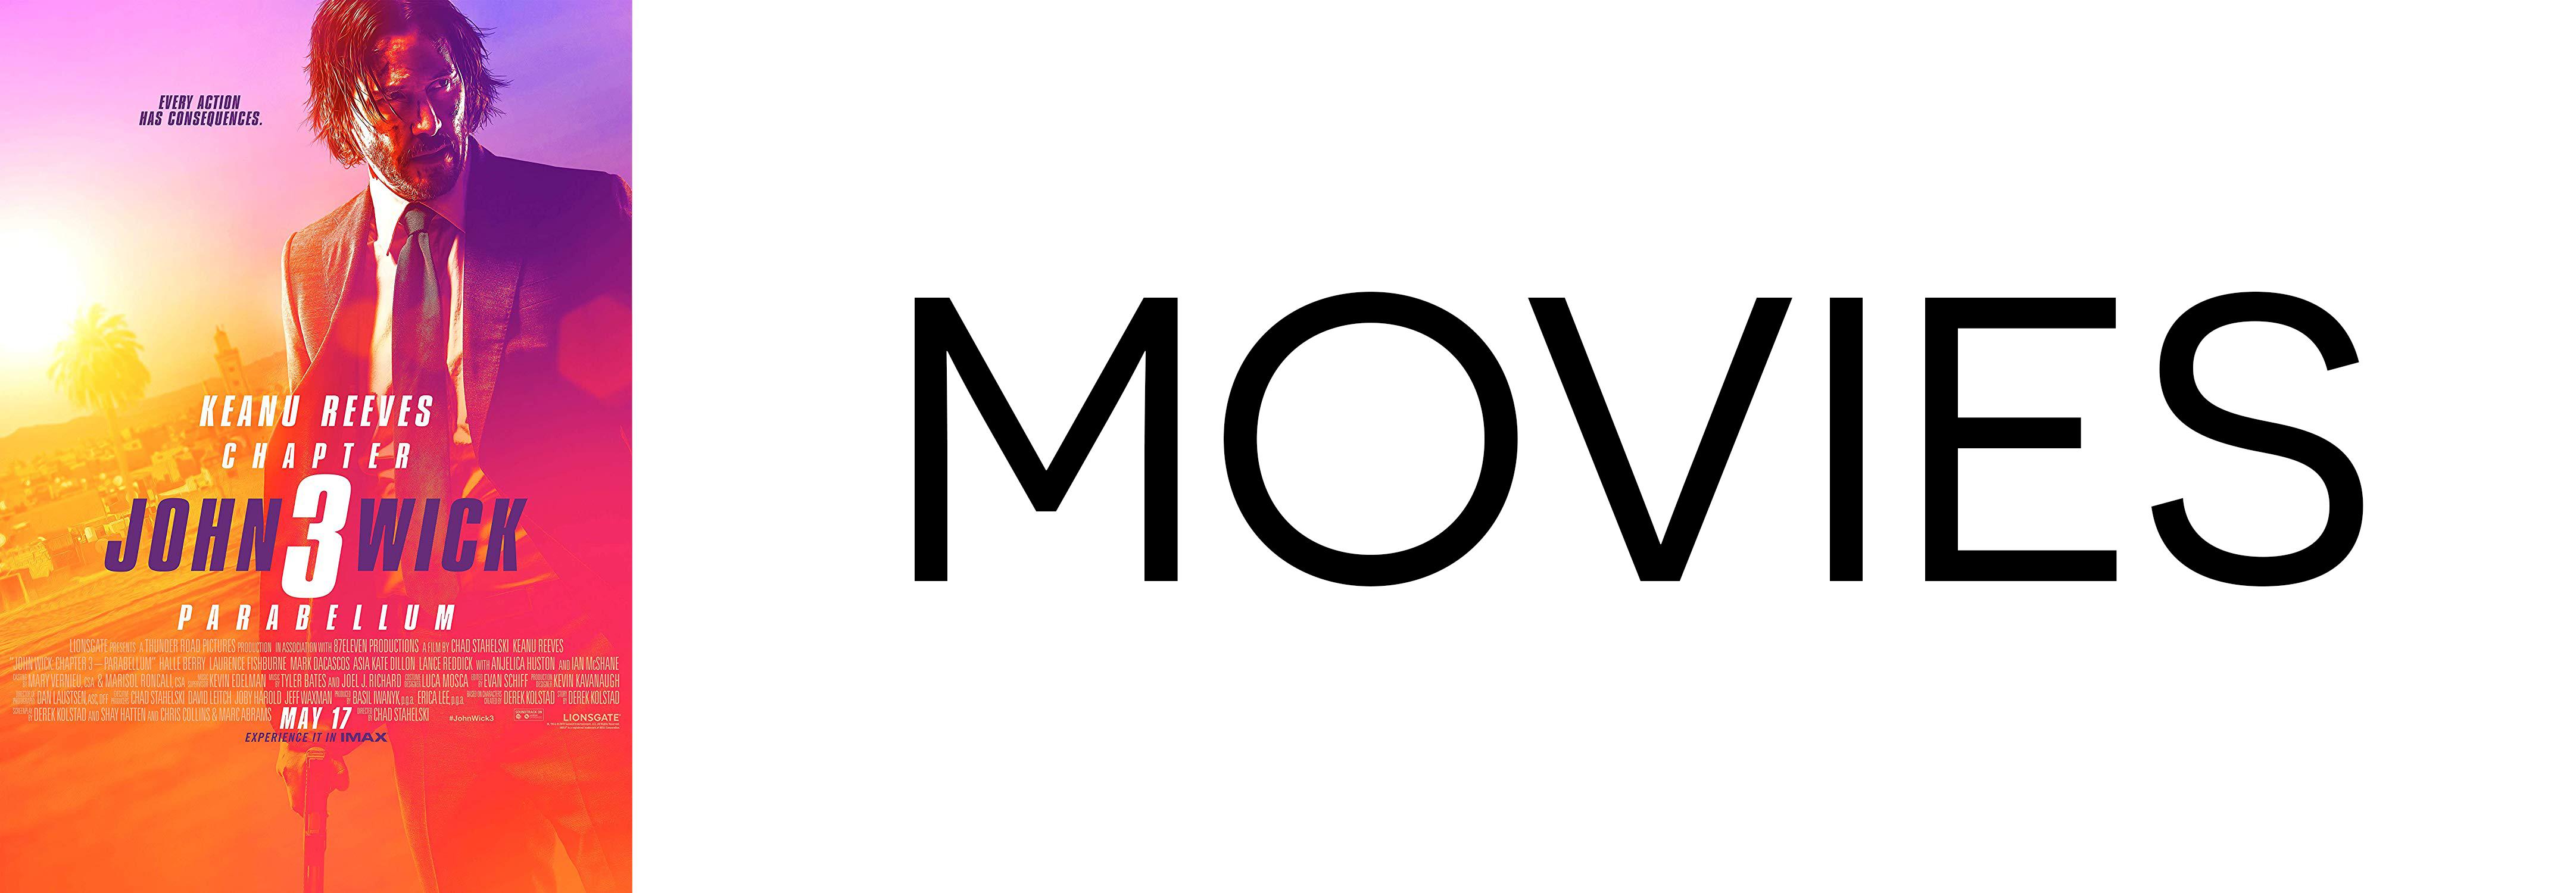 movies-horizontal-2.jpg